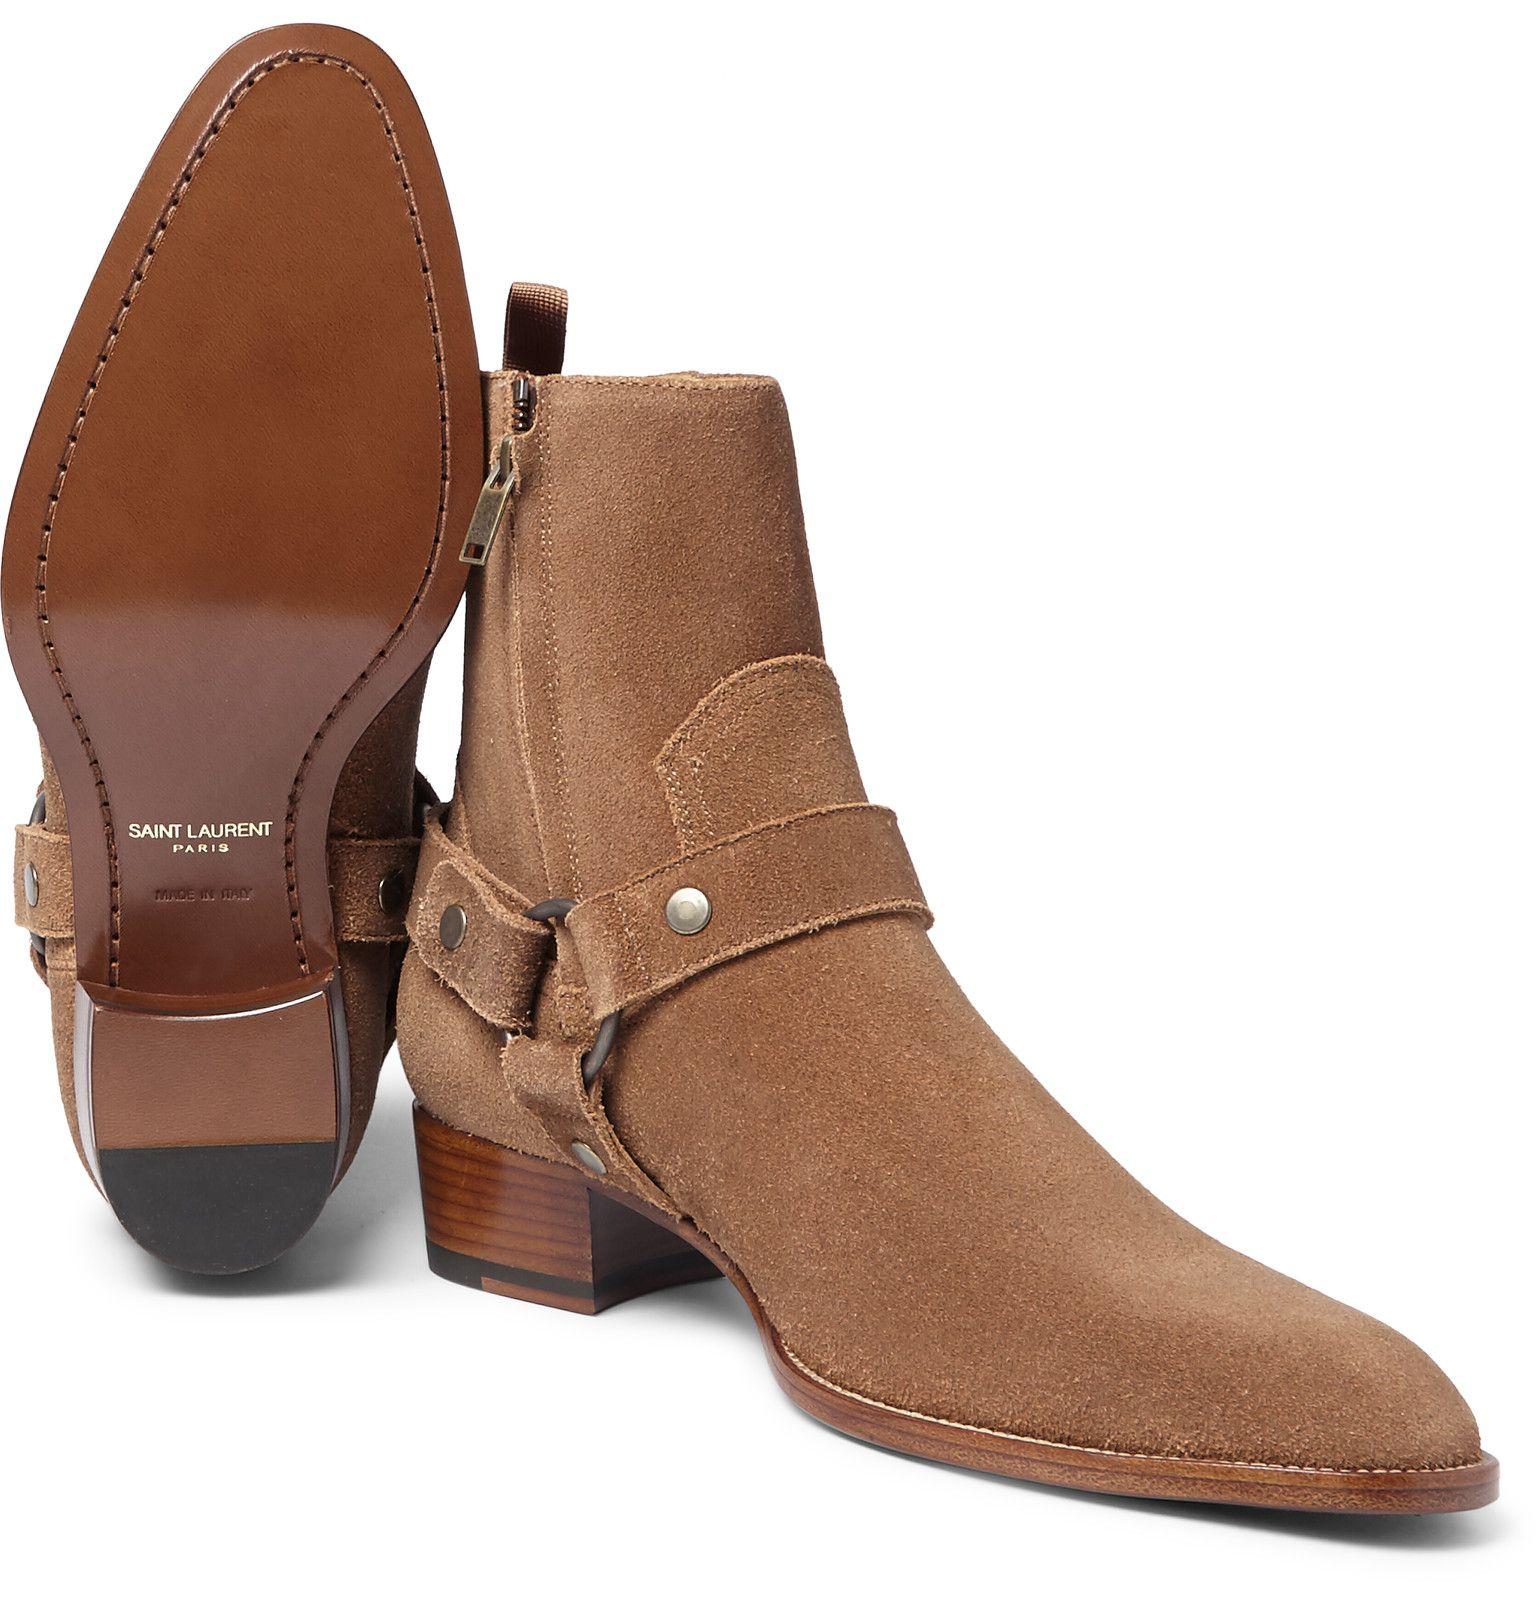 Botas de avestruz color gris ropa bolsas y calzado en mercadolibre - Ropa